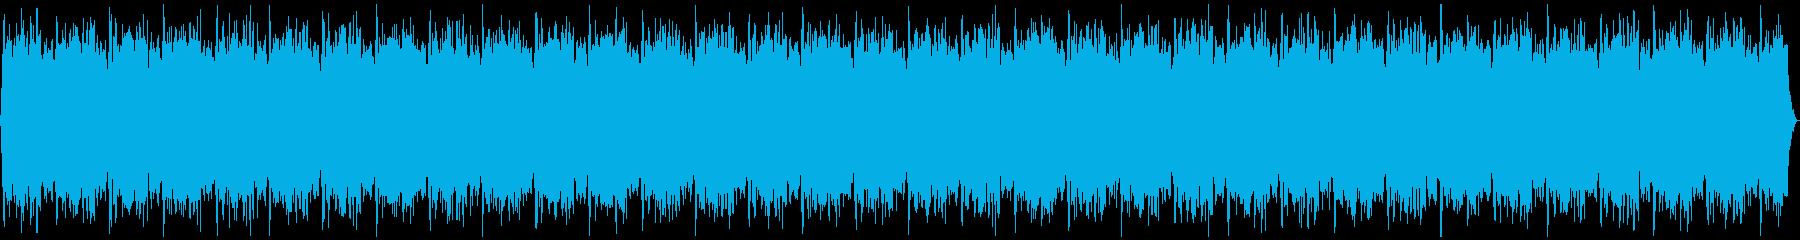 宇宙イメージ:ヨガ・リラクゼーション曲の再生済みの波形